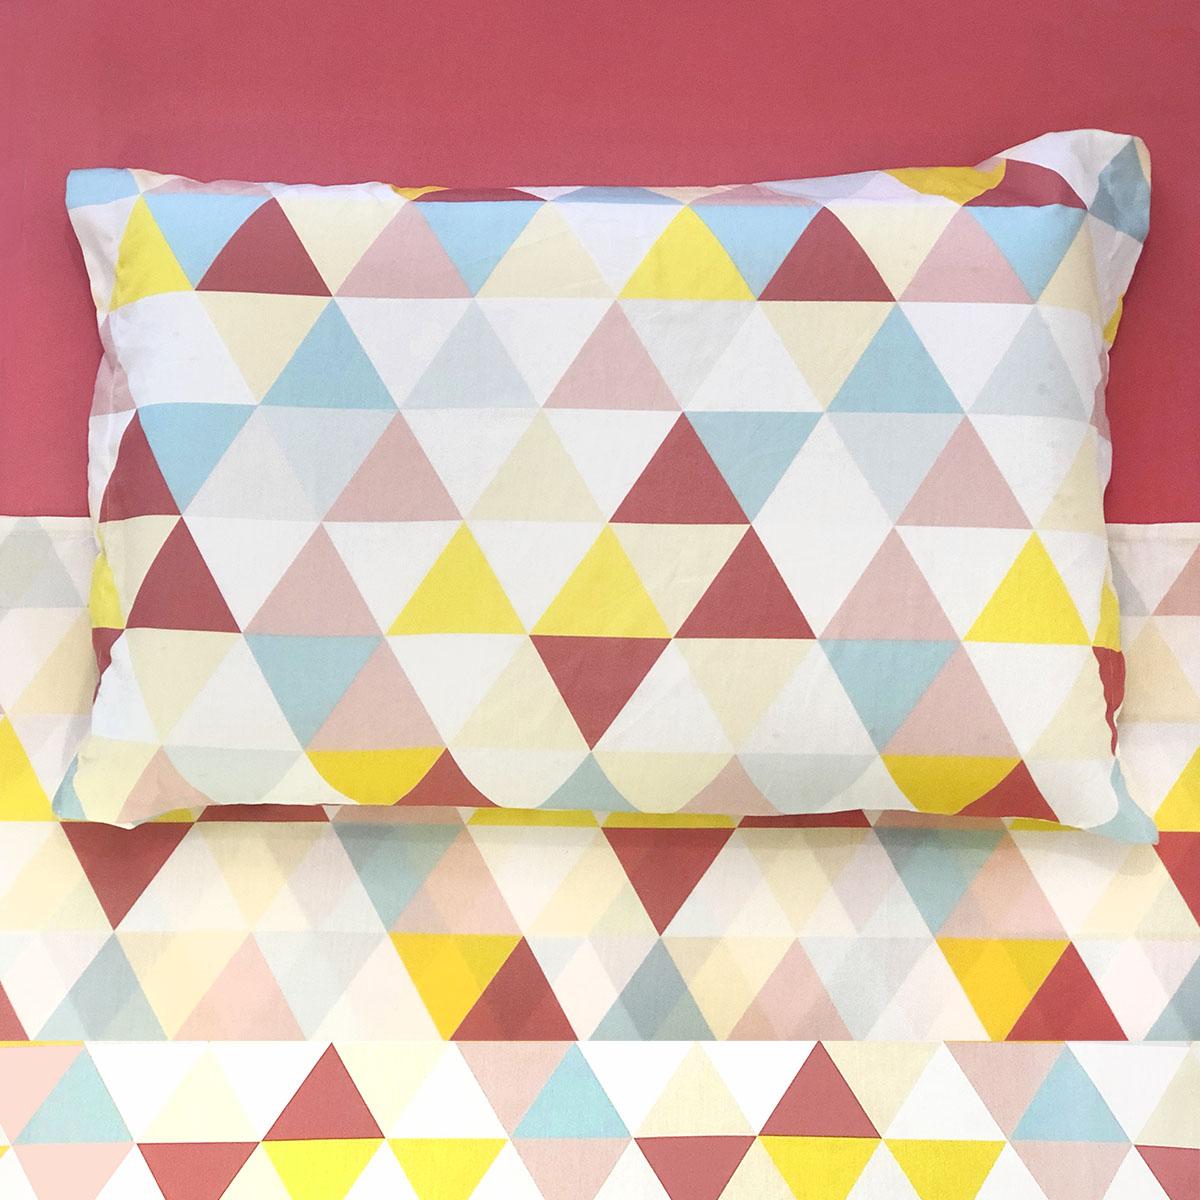 Lençol De Cima Triângulos Rosa, Amarelo E Azul